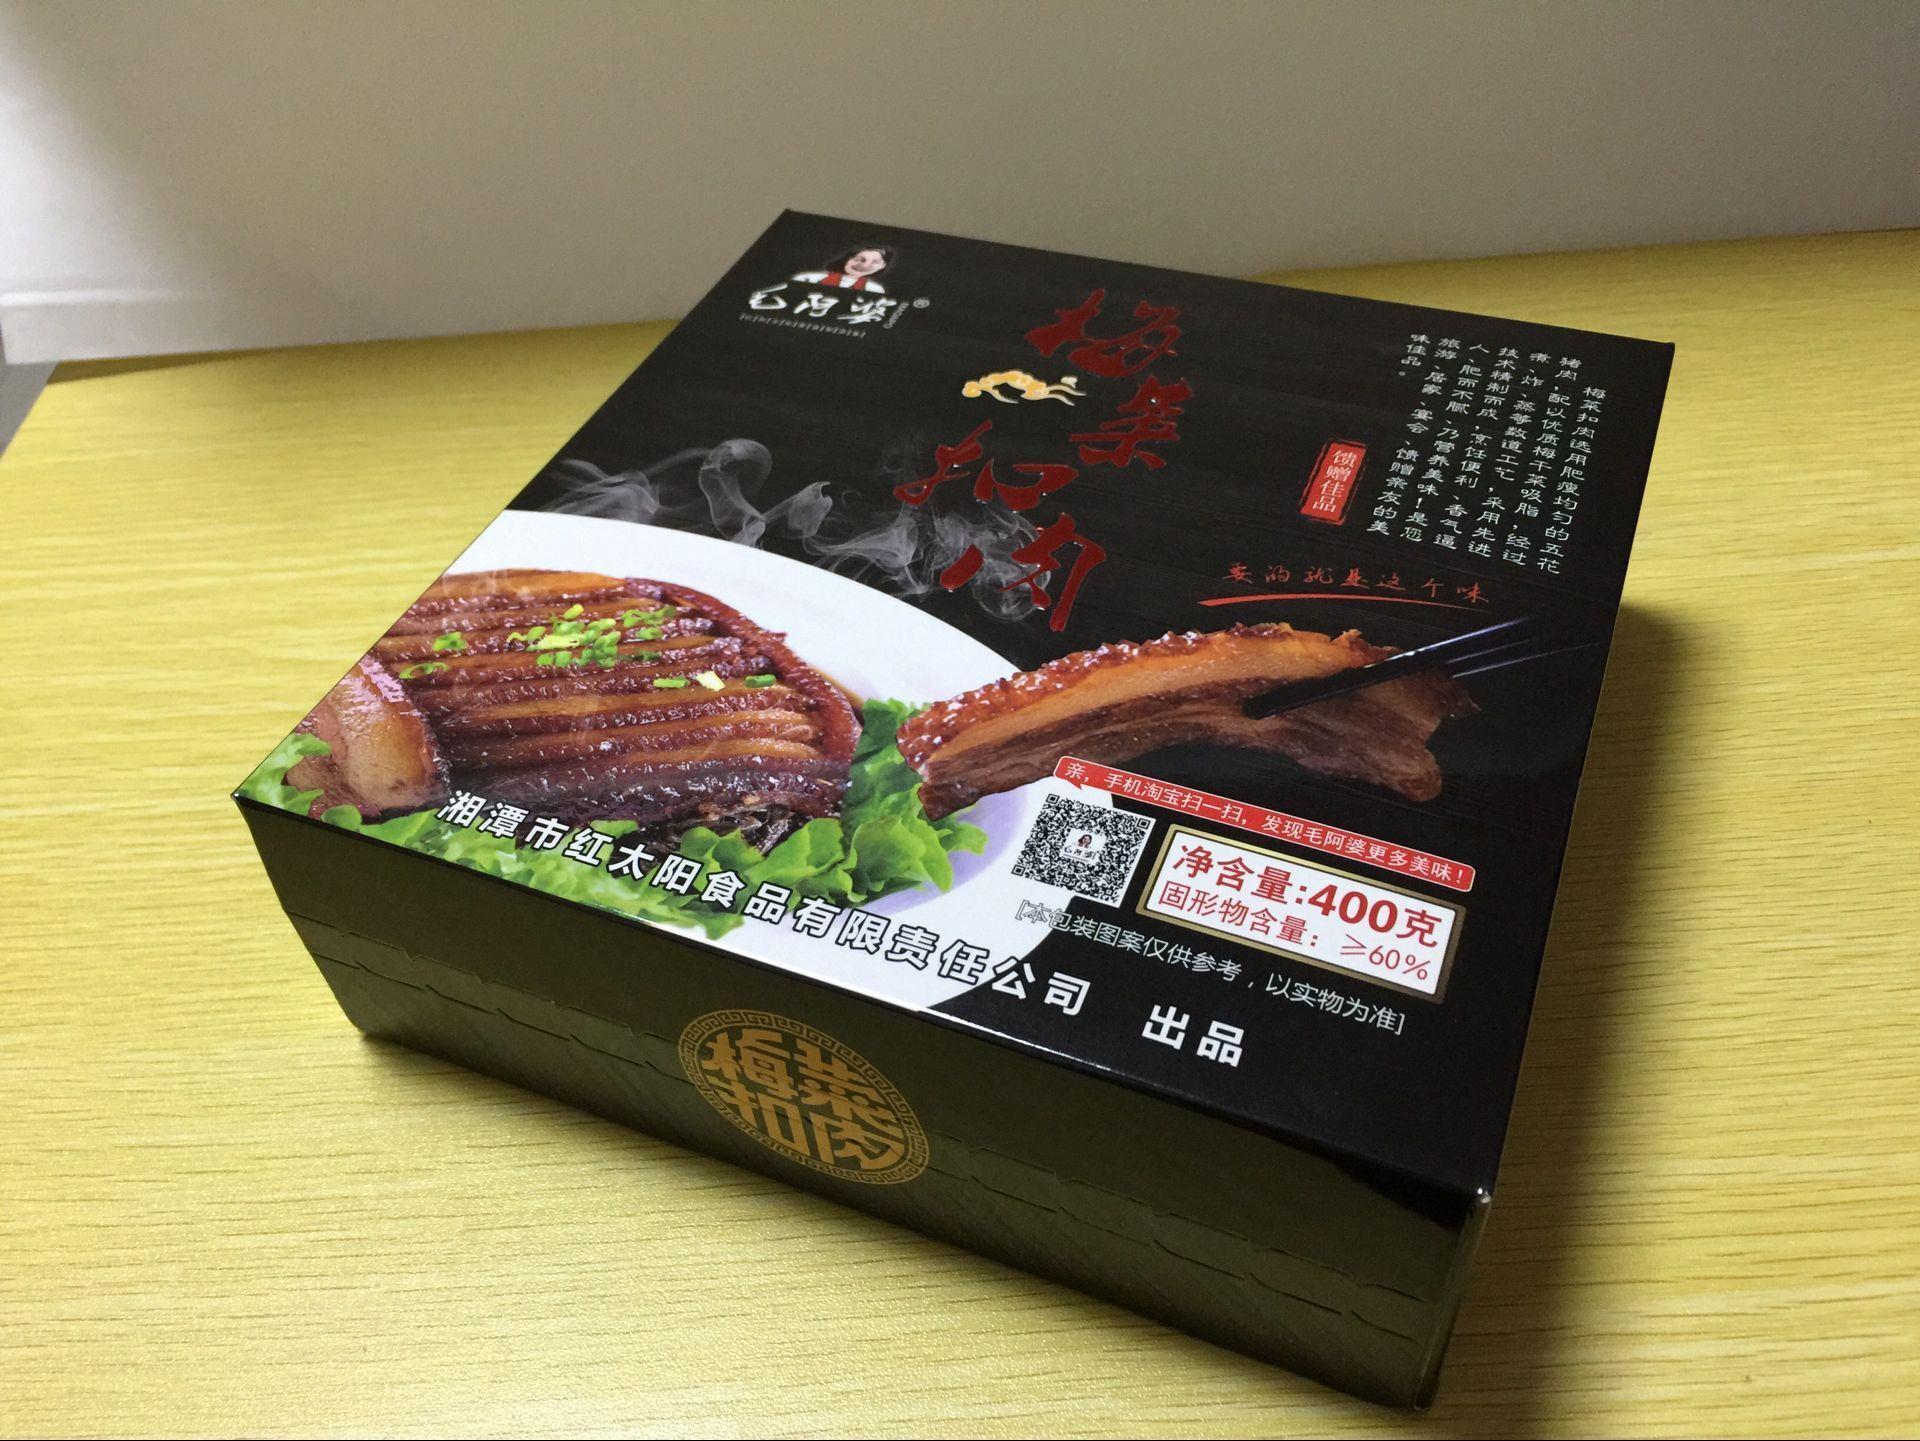 梅菜扣肉包装